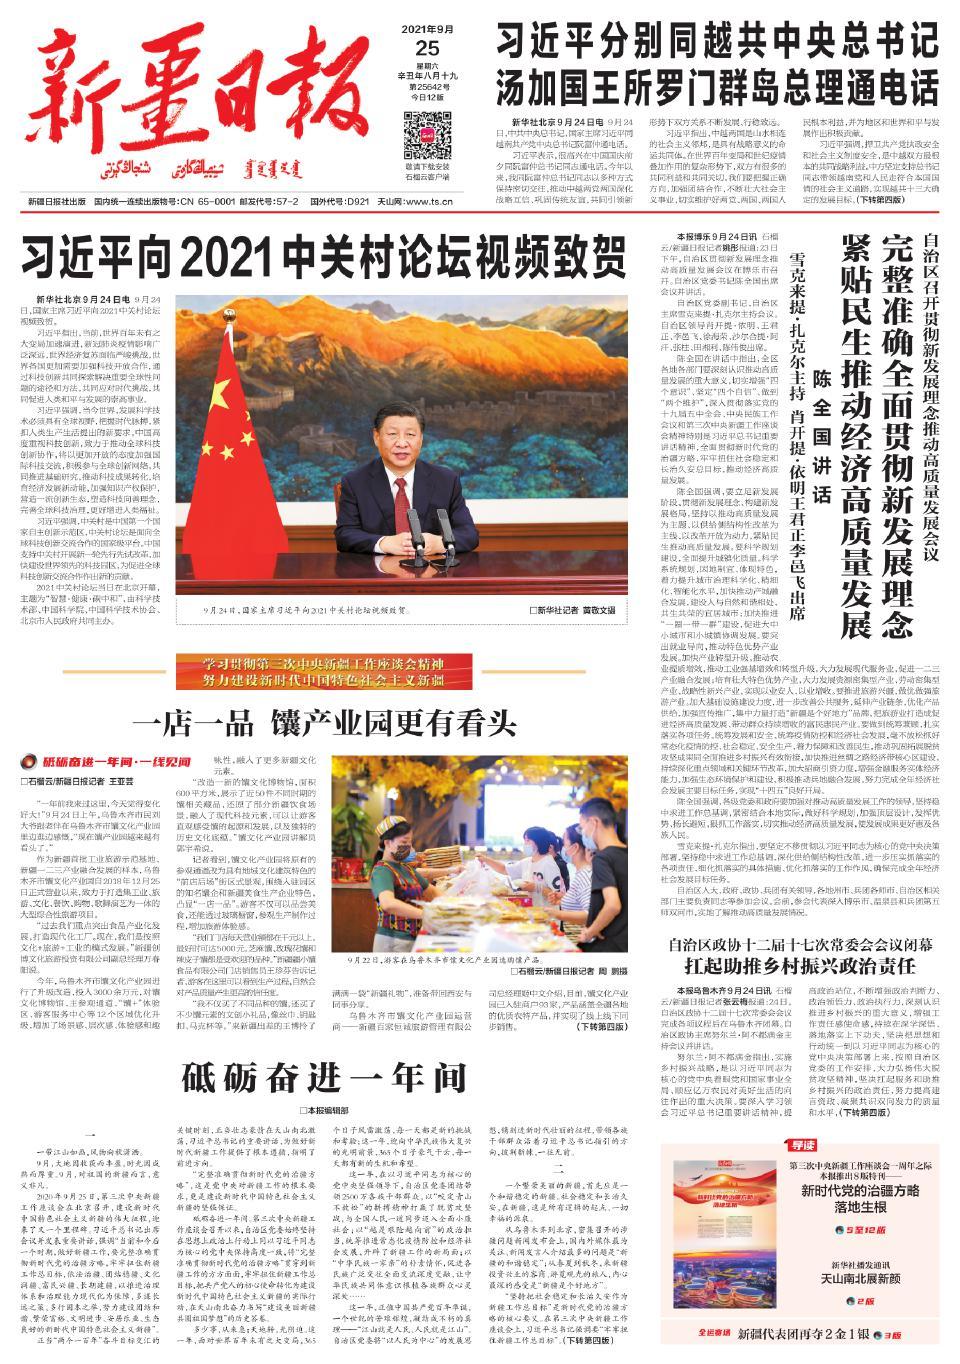 新疆日报数字报